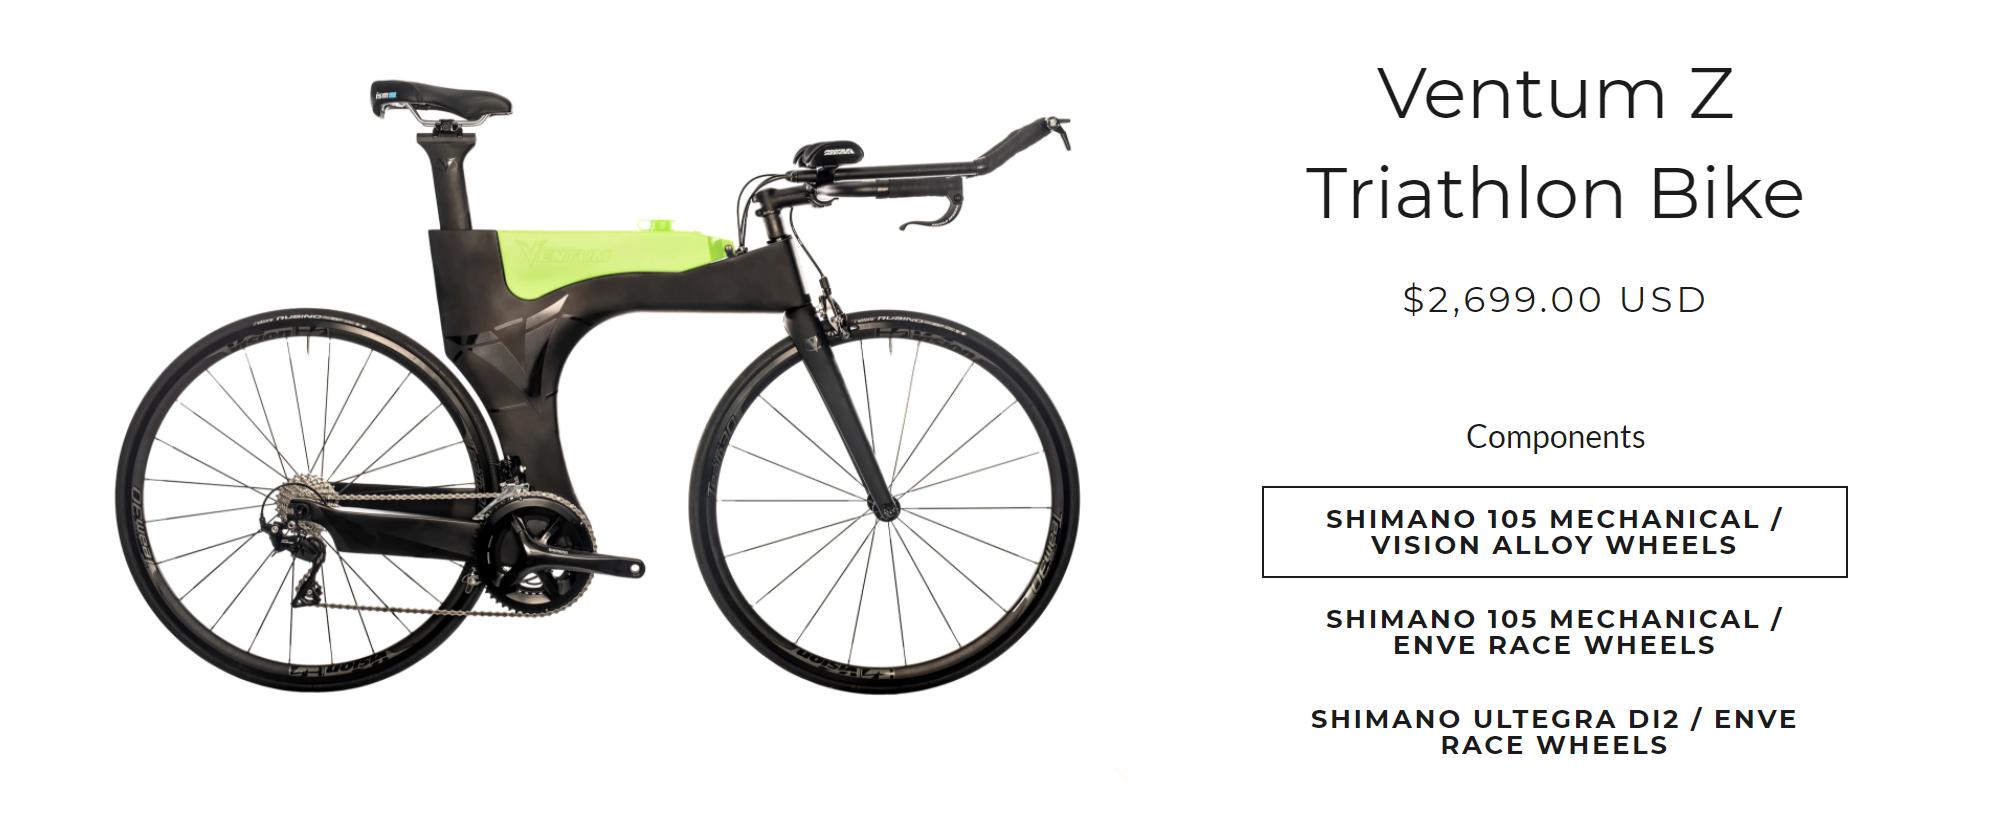 Мечта мужа — разделочный велосипед для&nbsp;триатлона за&nbsp;200&nbsp;000&nbsp;<span class=ruble>Р</span>. Источник: интернет-магазин Ventum